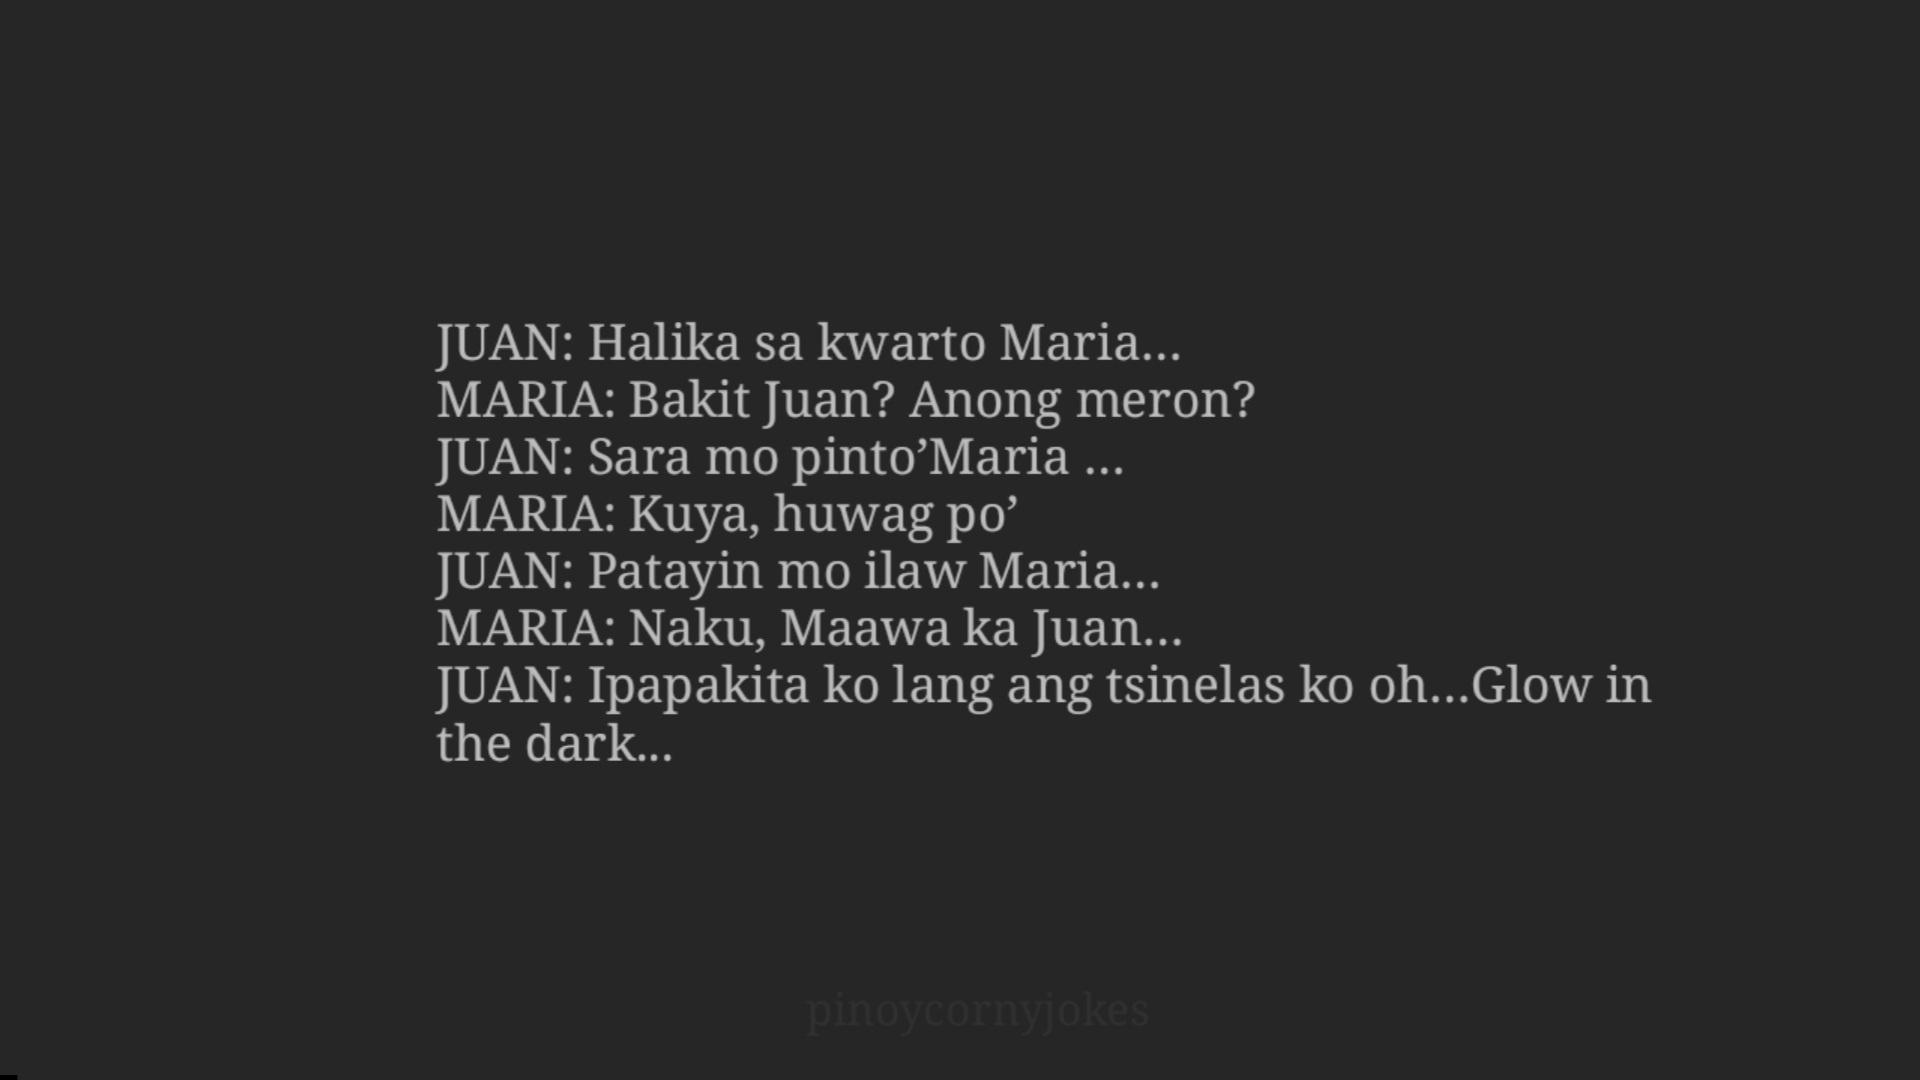 Tagalog Jokes - Halika sa Kwarto